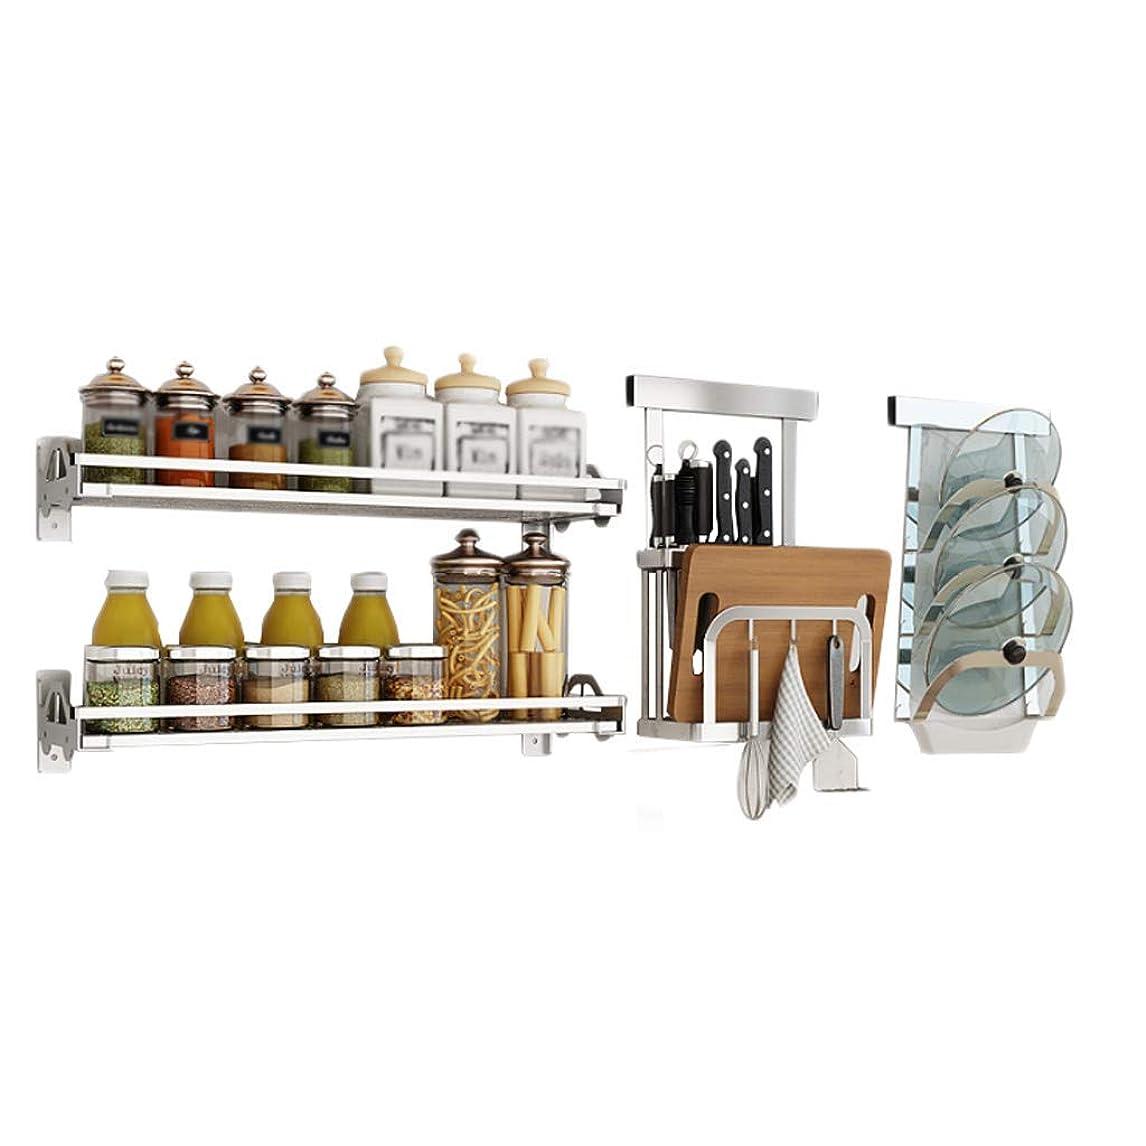 軽オーロックセメント食器収納棚家電 キッチンストレージ2スパイスボードポット壁掛け多機能ストレージ家庭用カッティングフックナイフをドレンキッチン304枚のステンレススチールラック